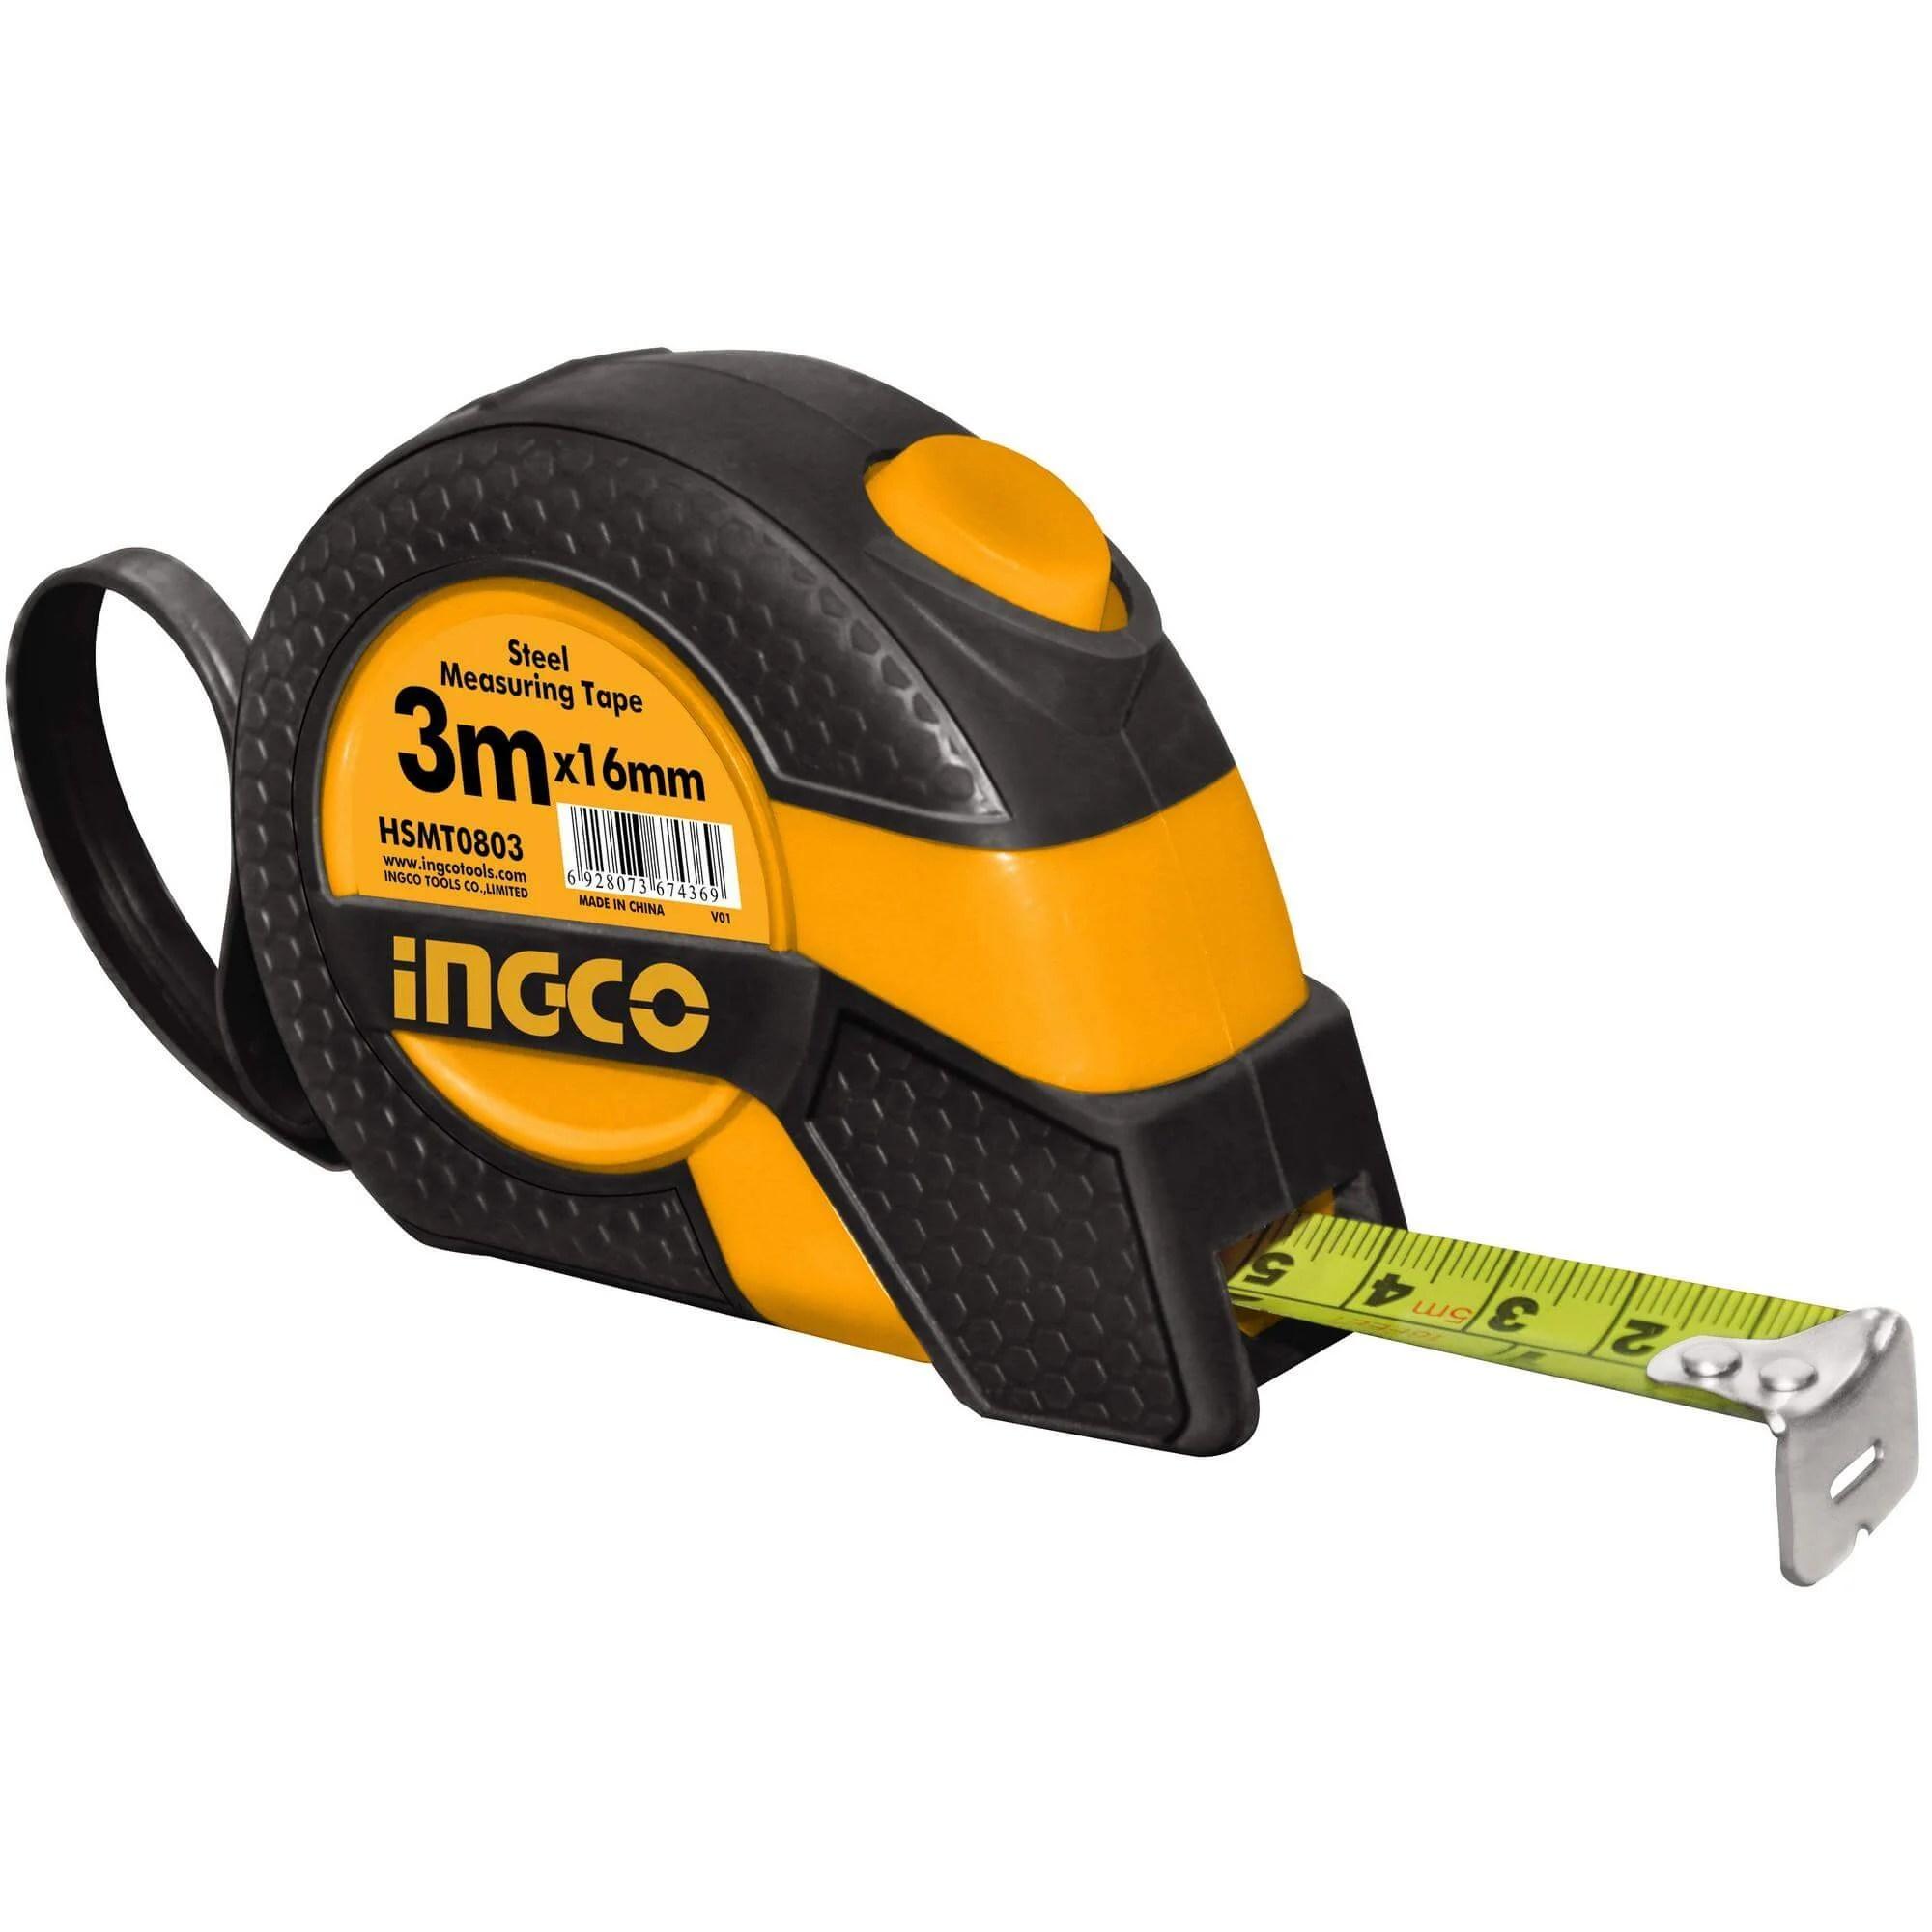 INGCO HSMT0803D Steel Measuring Tape 3M | Rowaie.com